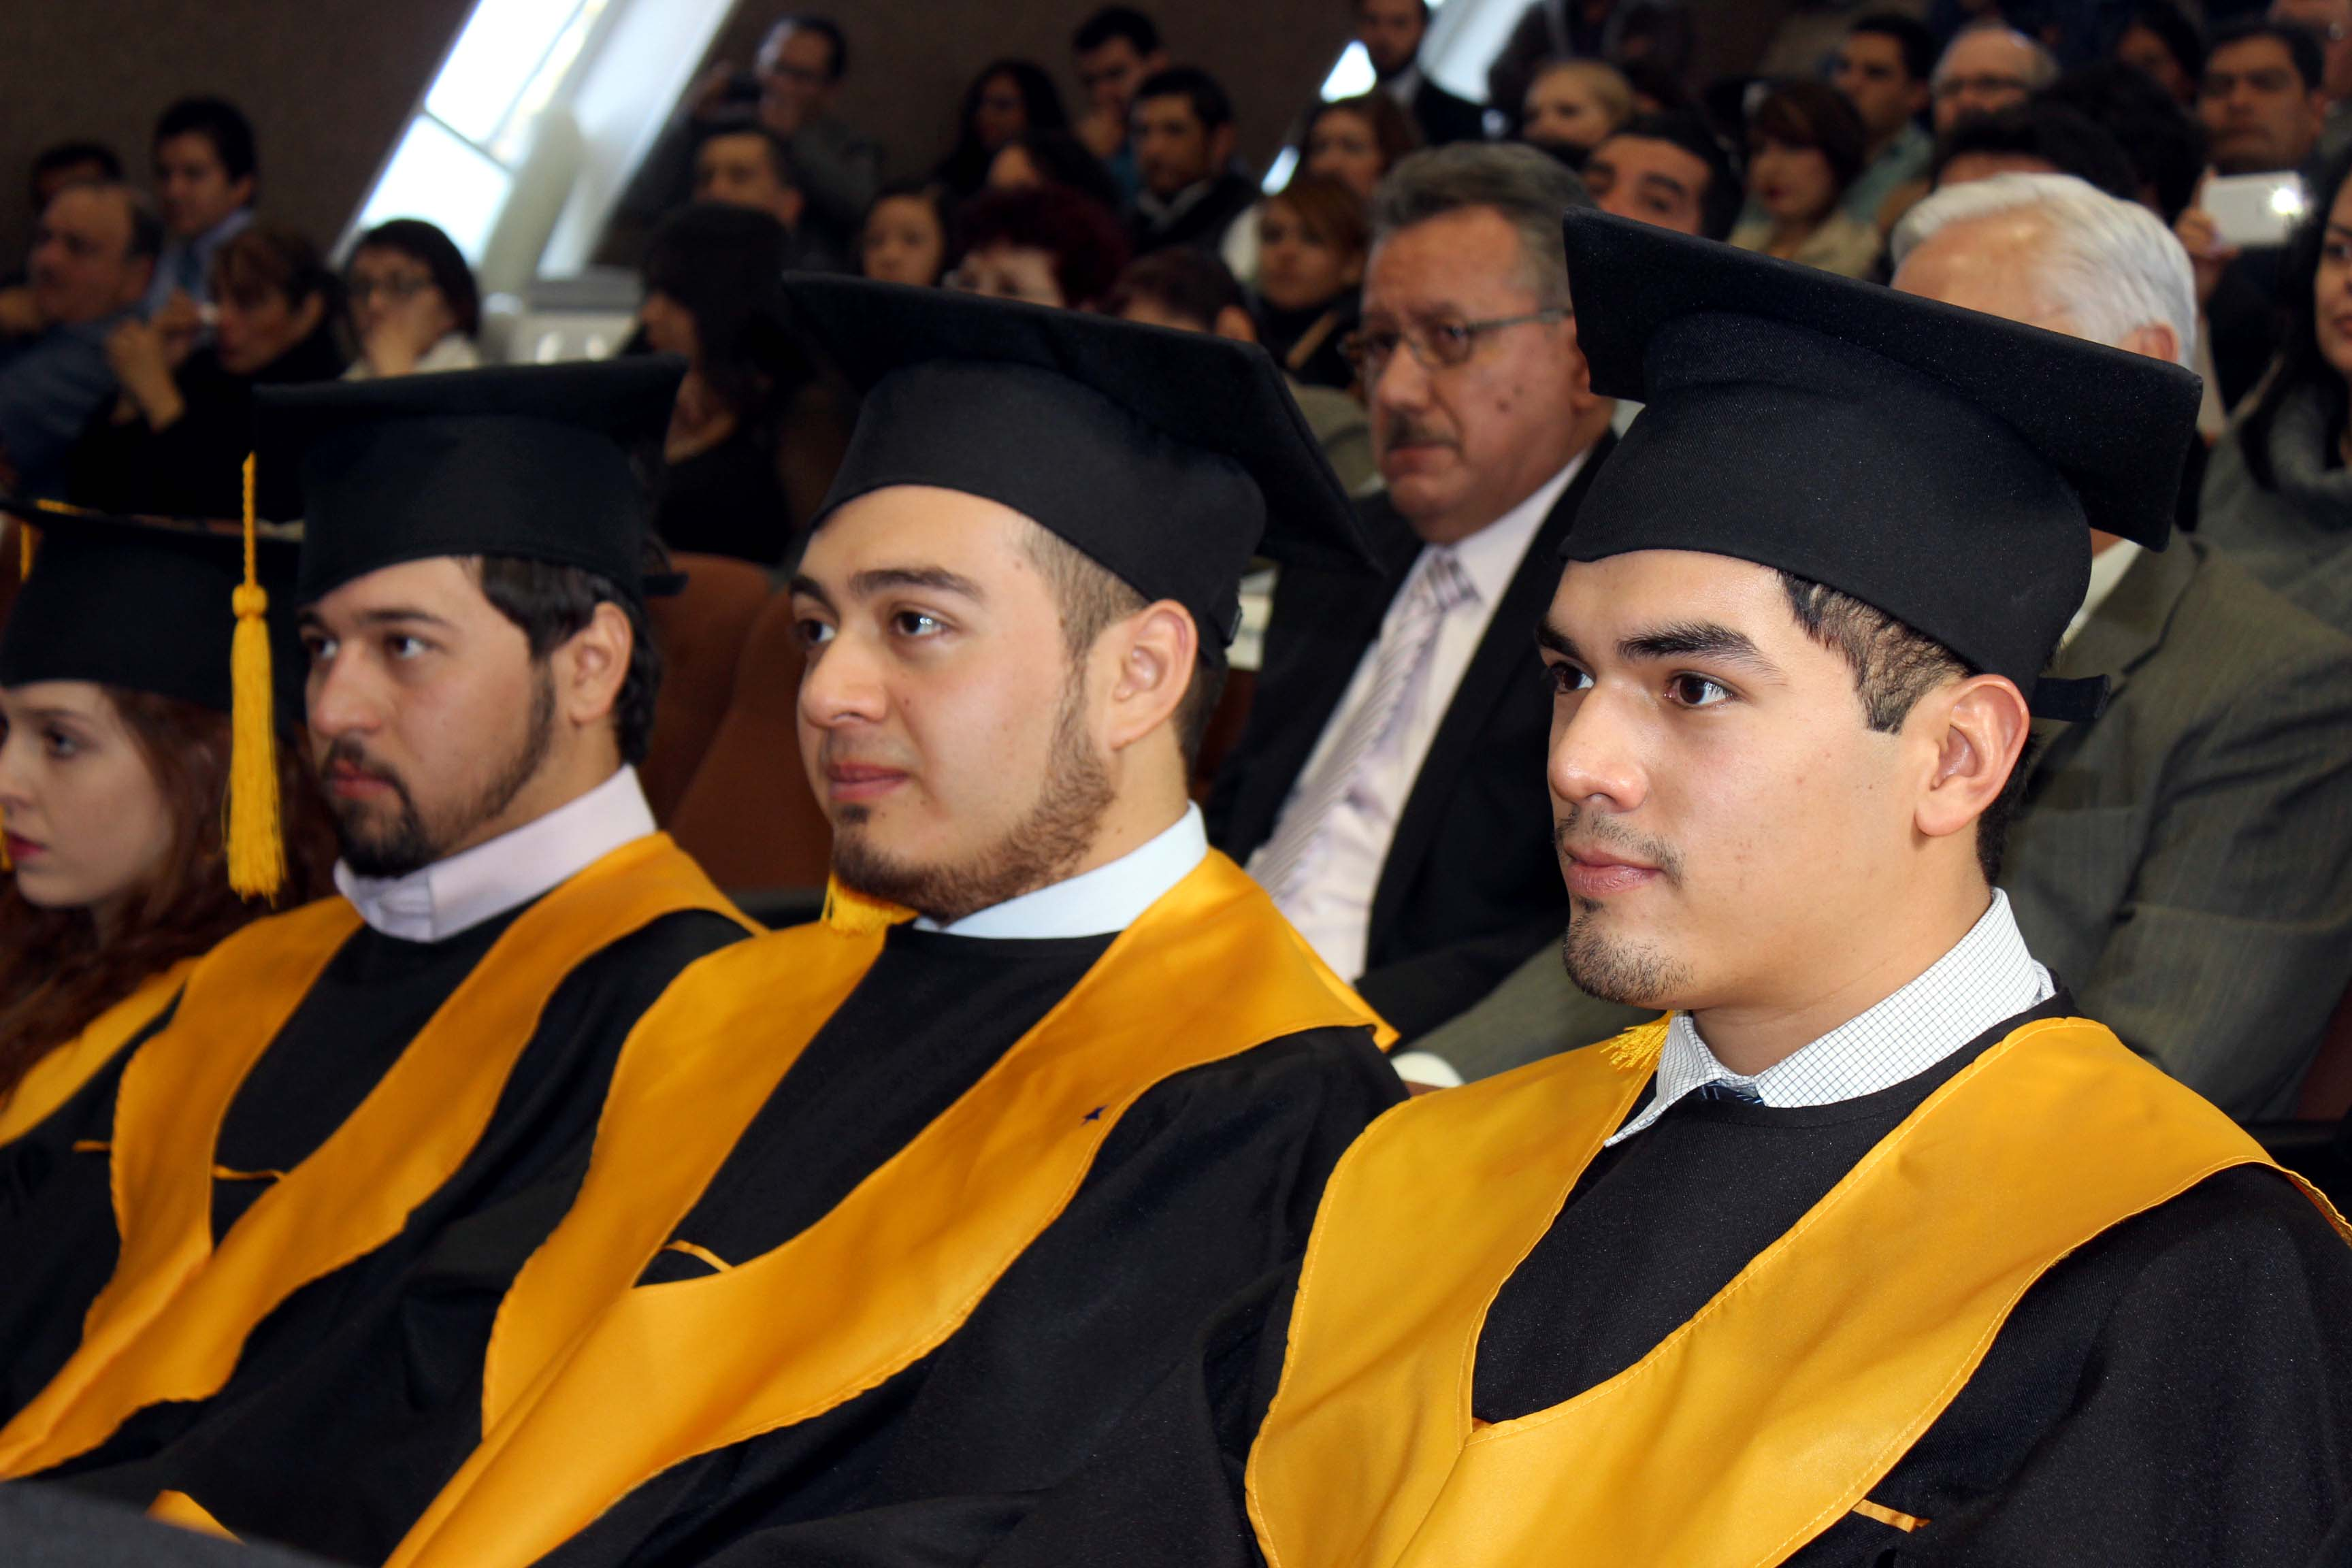 Vista panorámica de los graduados y público asistente al acto académico.